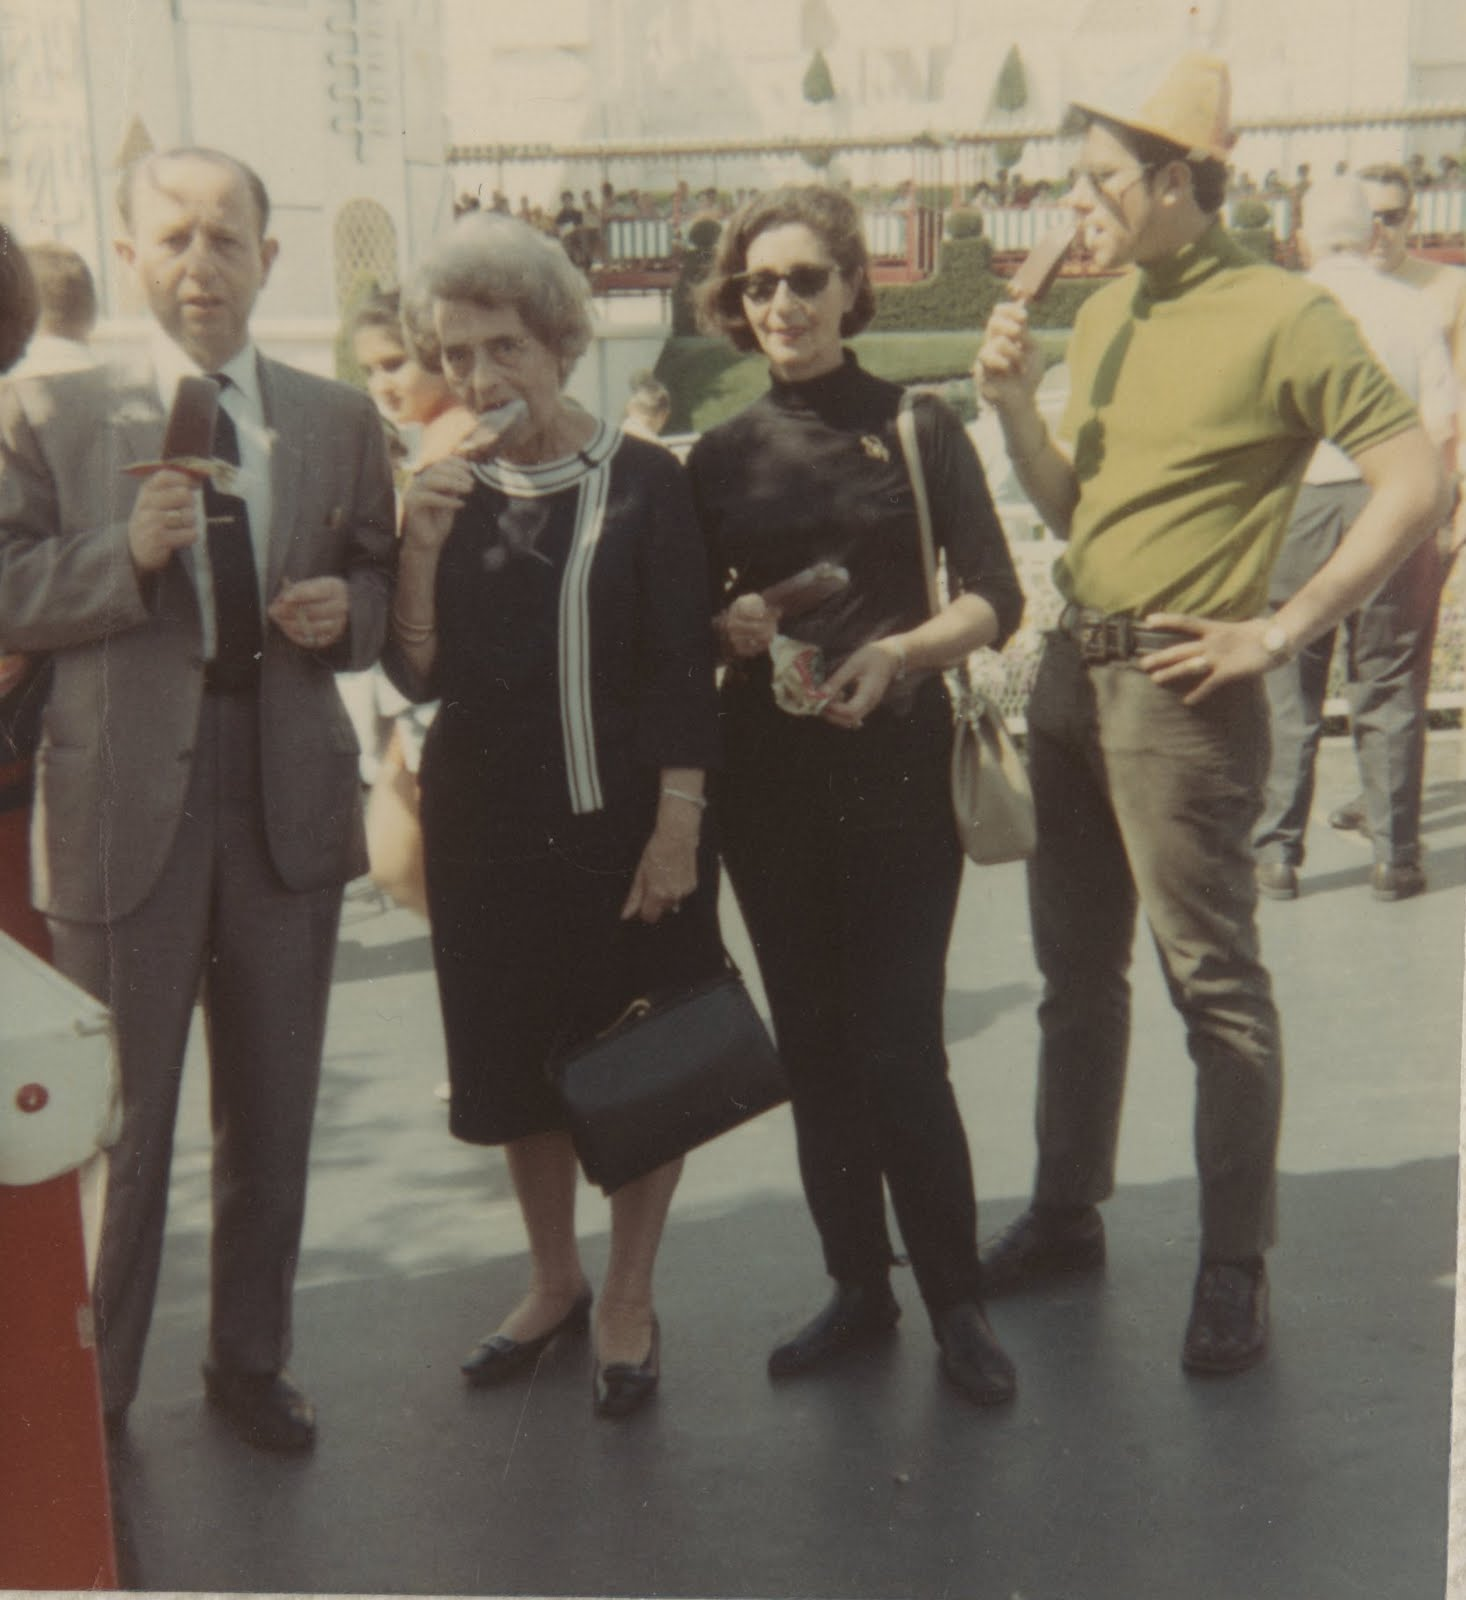 From left_  Erwin Gumpel, Lieschen Gumpel, Gerda Sifnaghel and Niko Sifnaghel